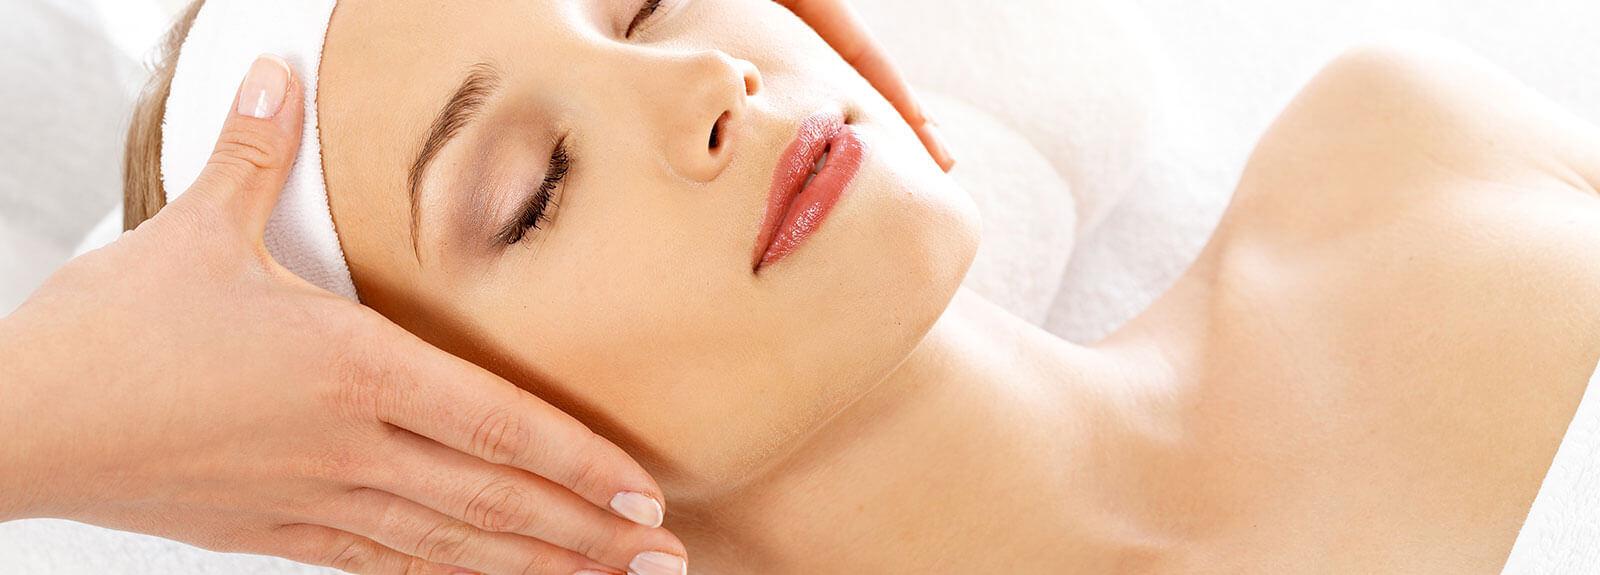 ¿Qué beneficios aporta a la piel el tratamiento Biofacial 24 horas?